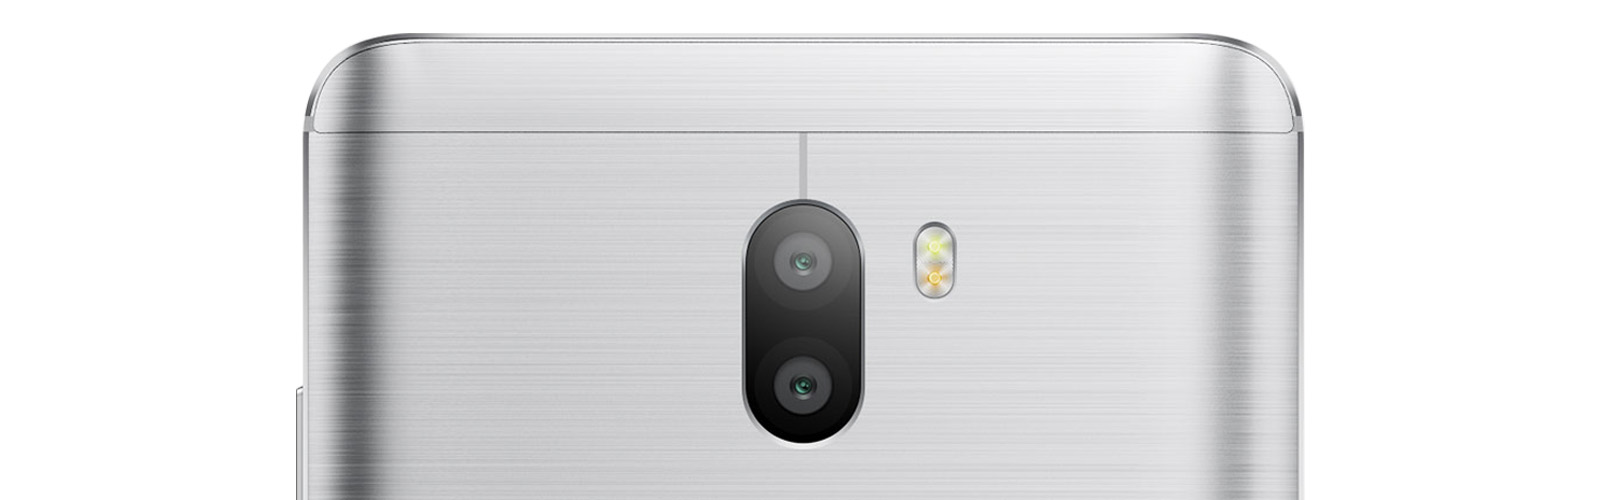 XIaomi Mi5s Plus デュアルカメラ